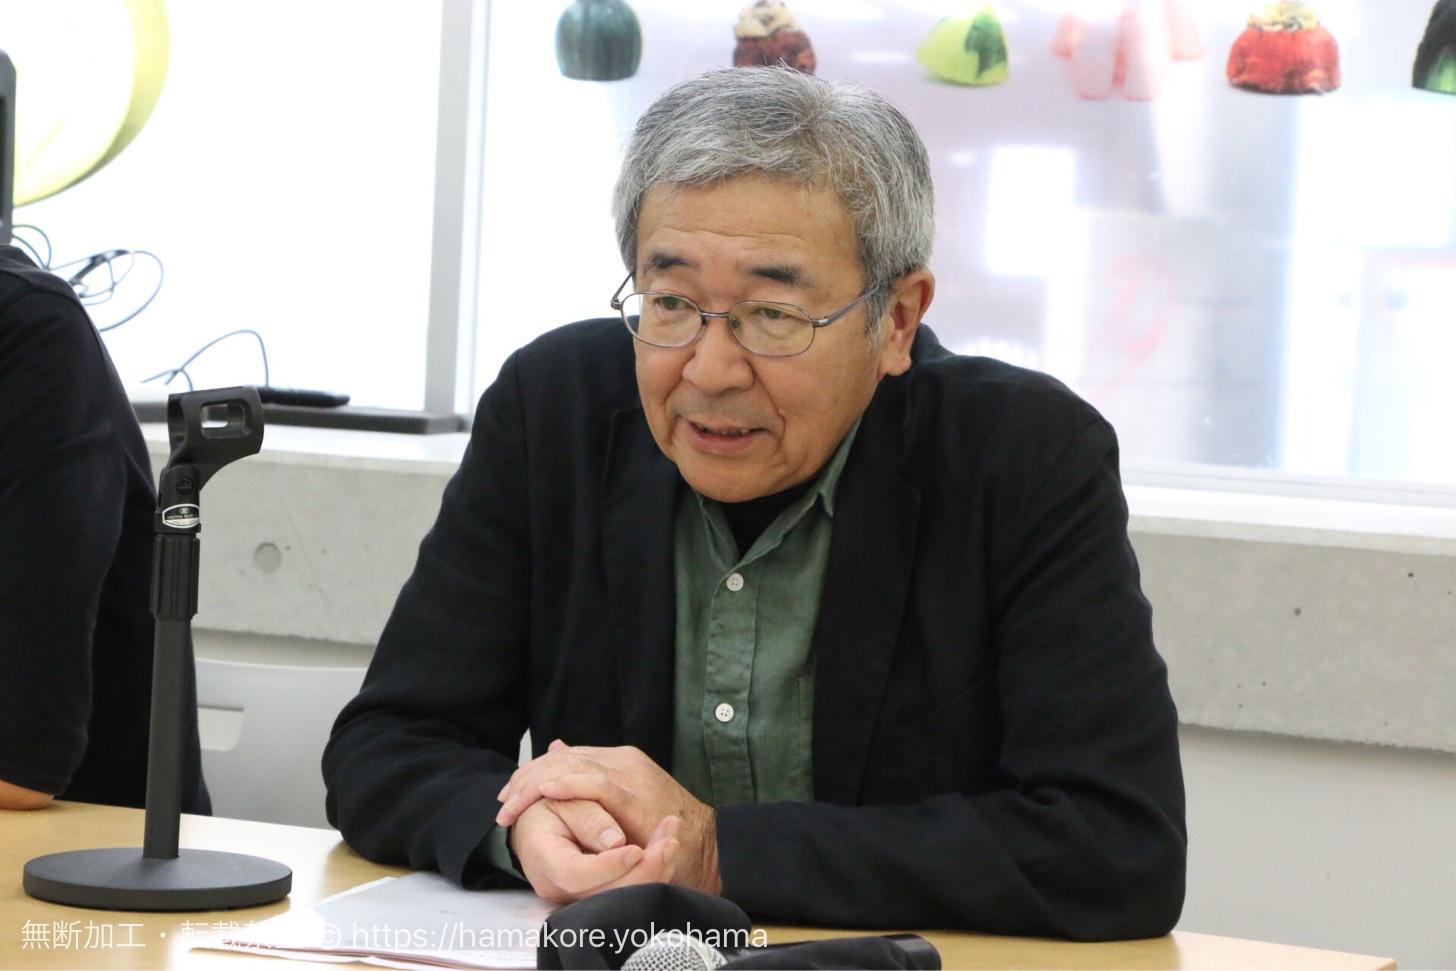 黄金町バザールディレクター 山野真悟氏